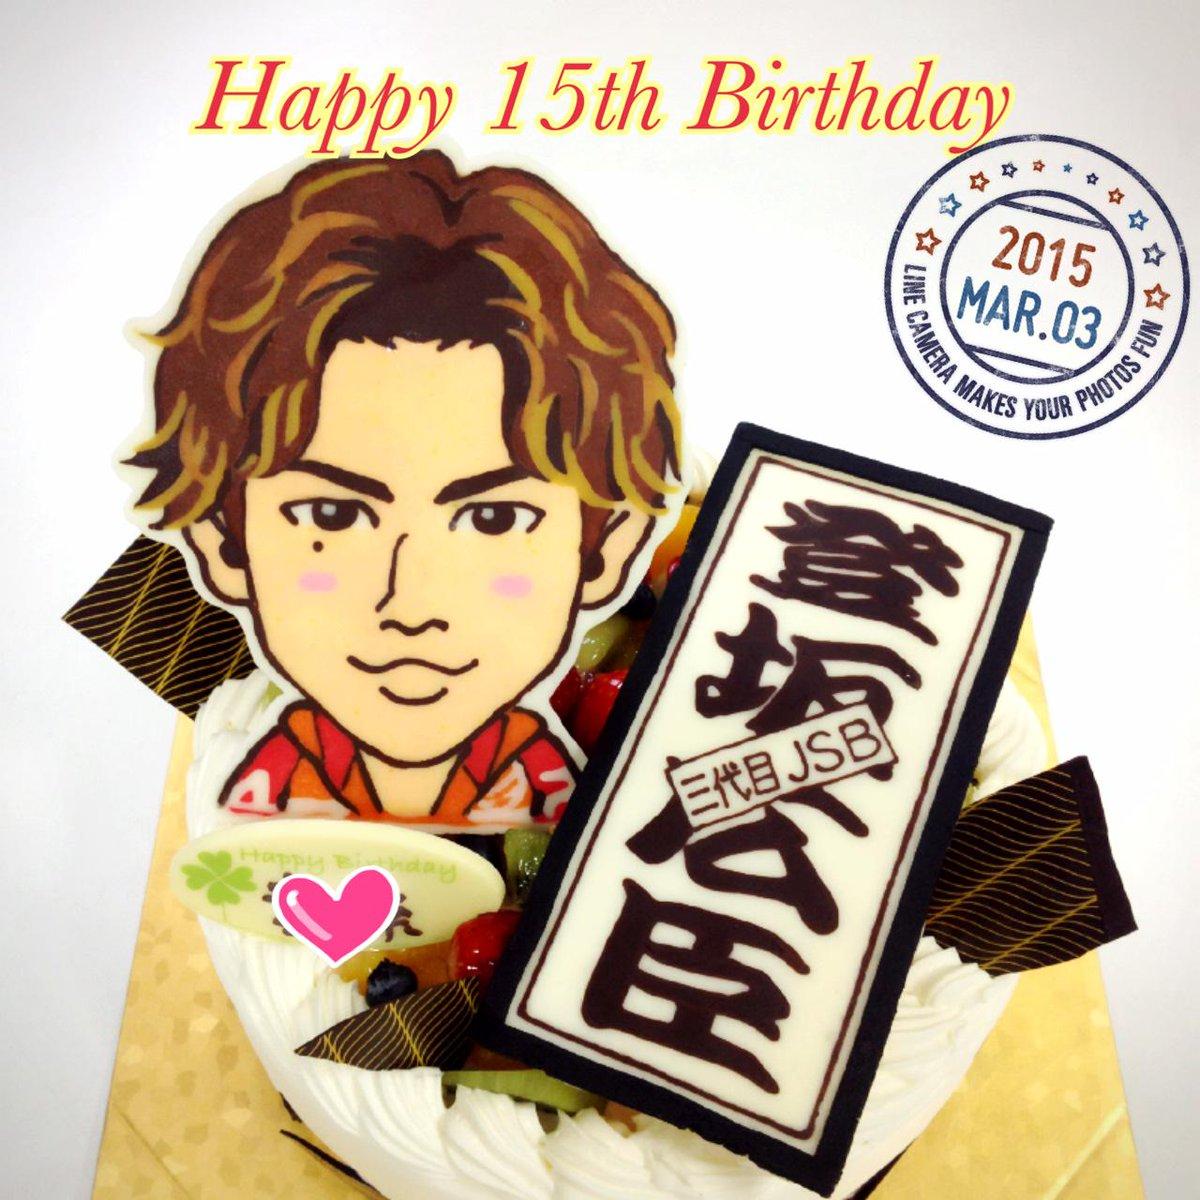 キャラデコ職人 Ar Twitter 三代目jsb 登坂広臣さんのイラストを飾ったバースデーケーキです お誕生日おめでとうございます Http T Co Wv09aqmadr Http T Co Xrk1jmcml1